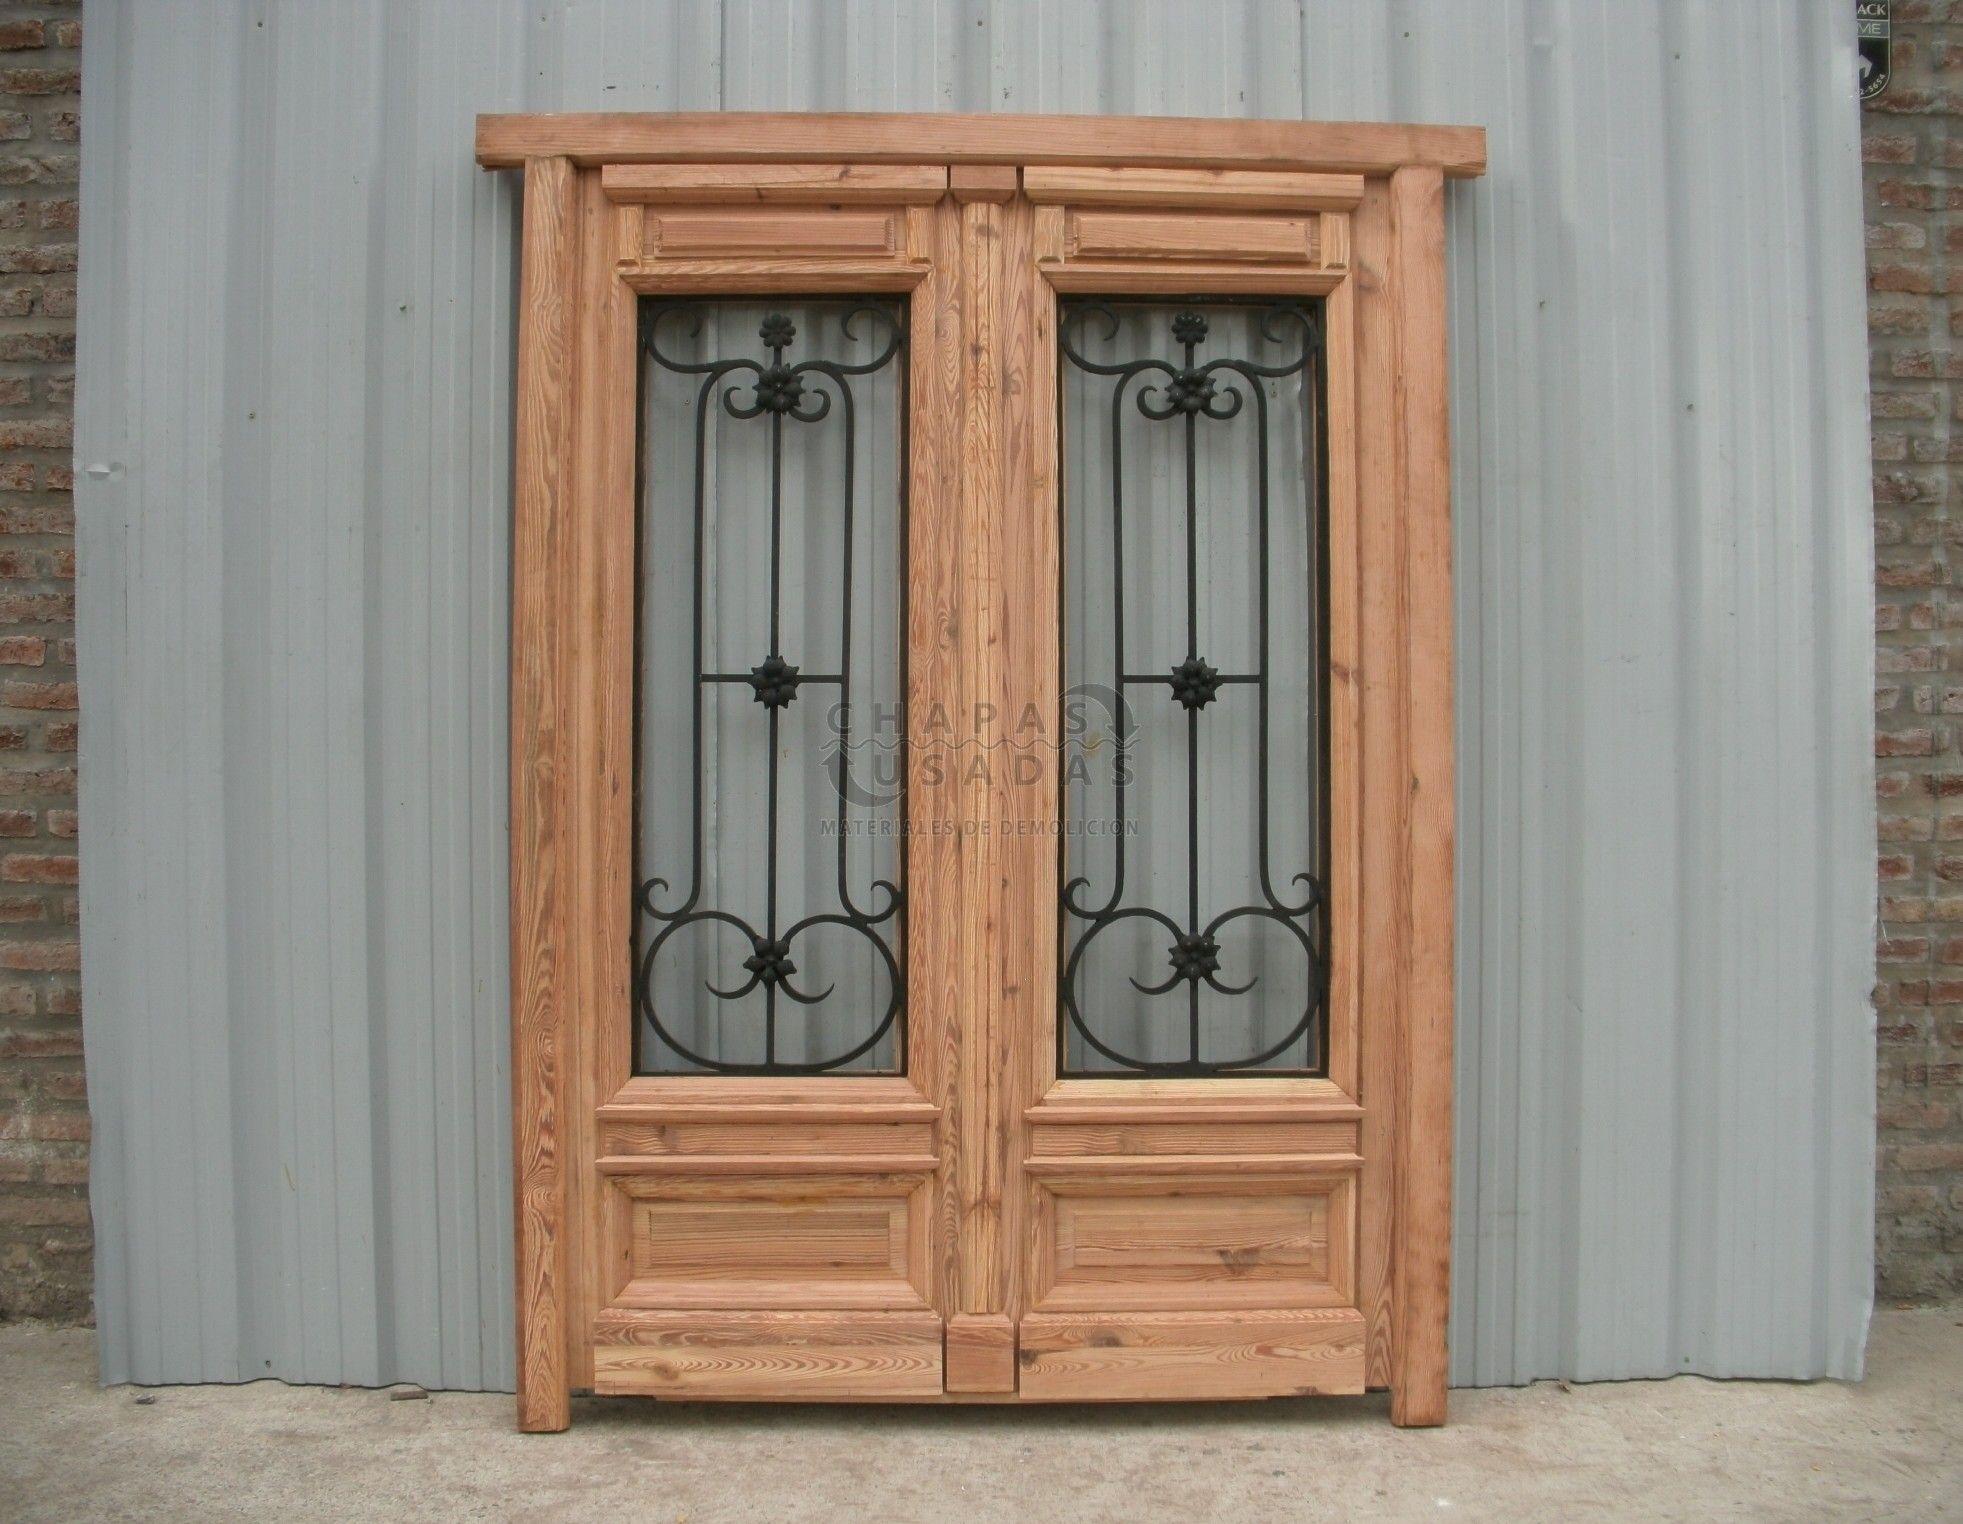 Puerta de frente de pinotea con rejas de hierro forjado - Puertas de casa ...